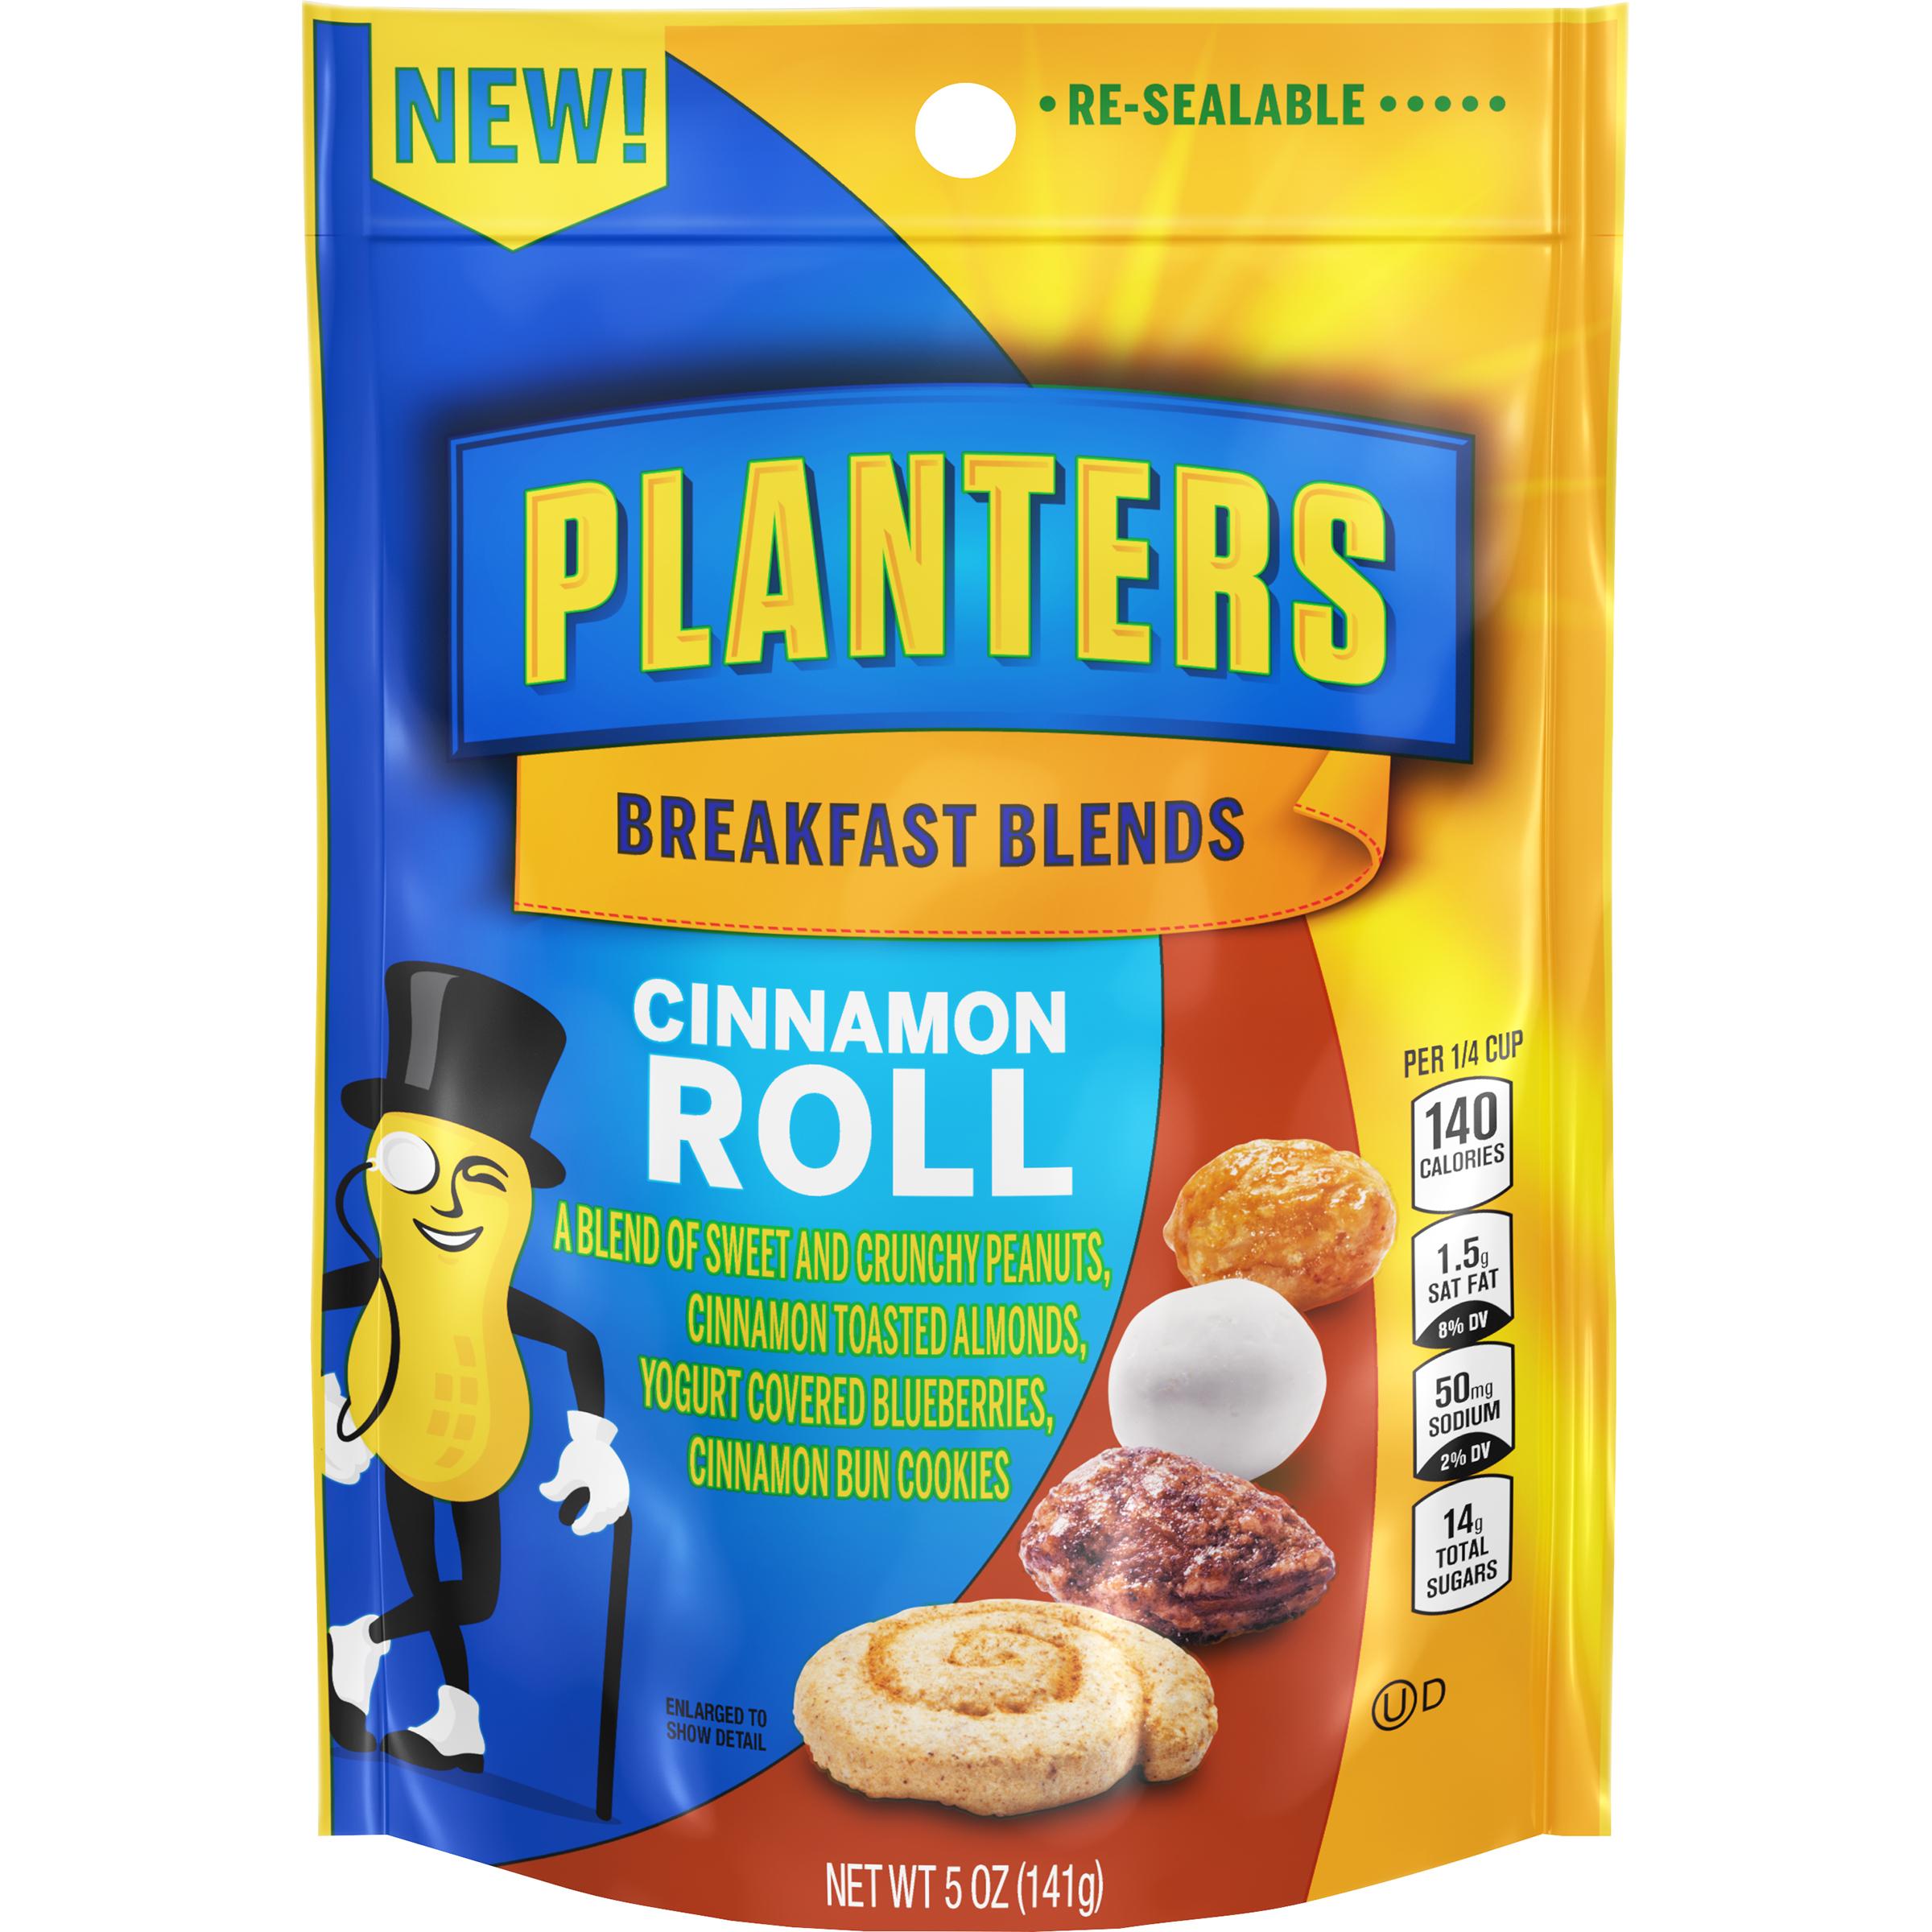 PLANTERS® Breakfast Blends Cinnamon Roll Trail Mix 5 oz bag